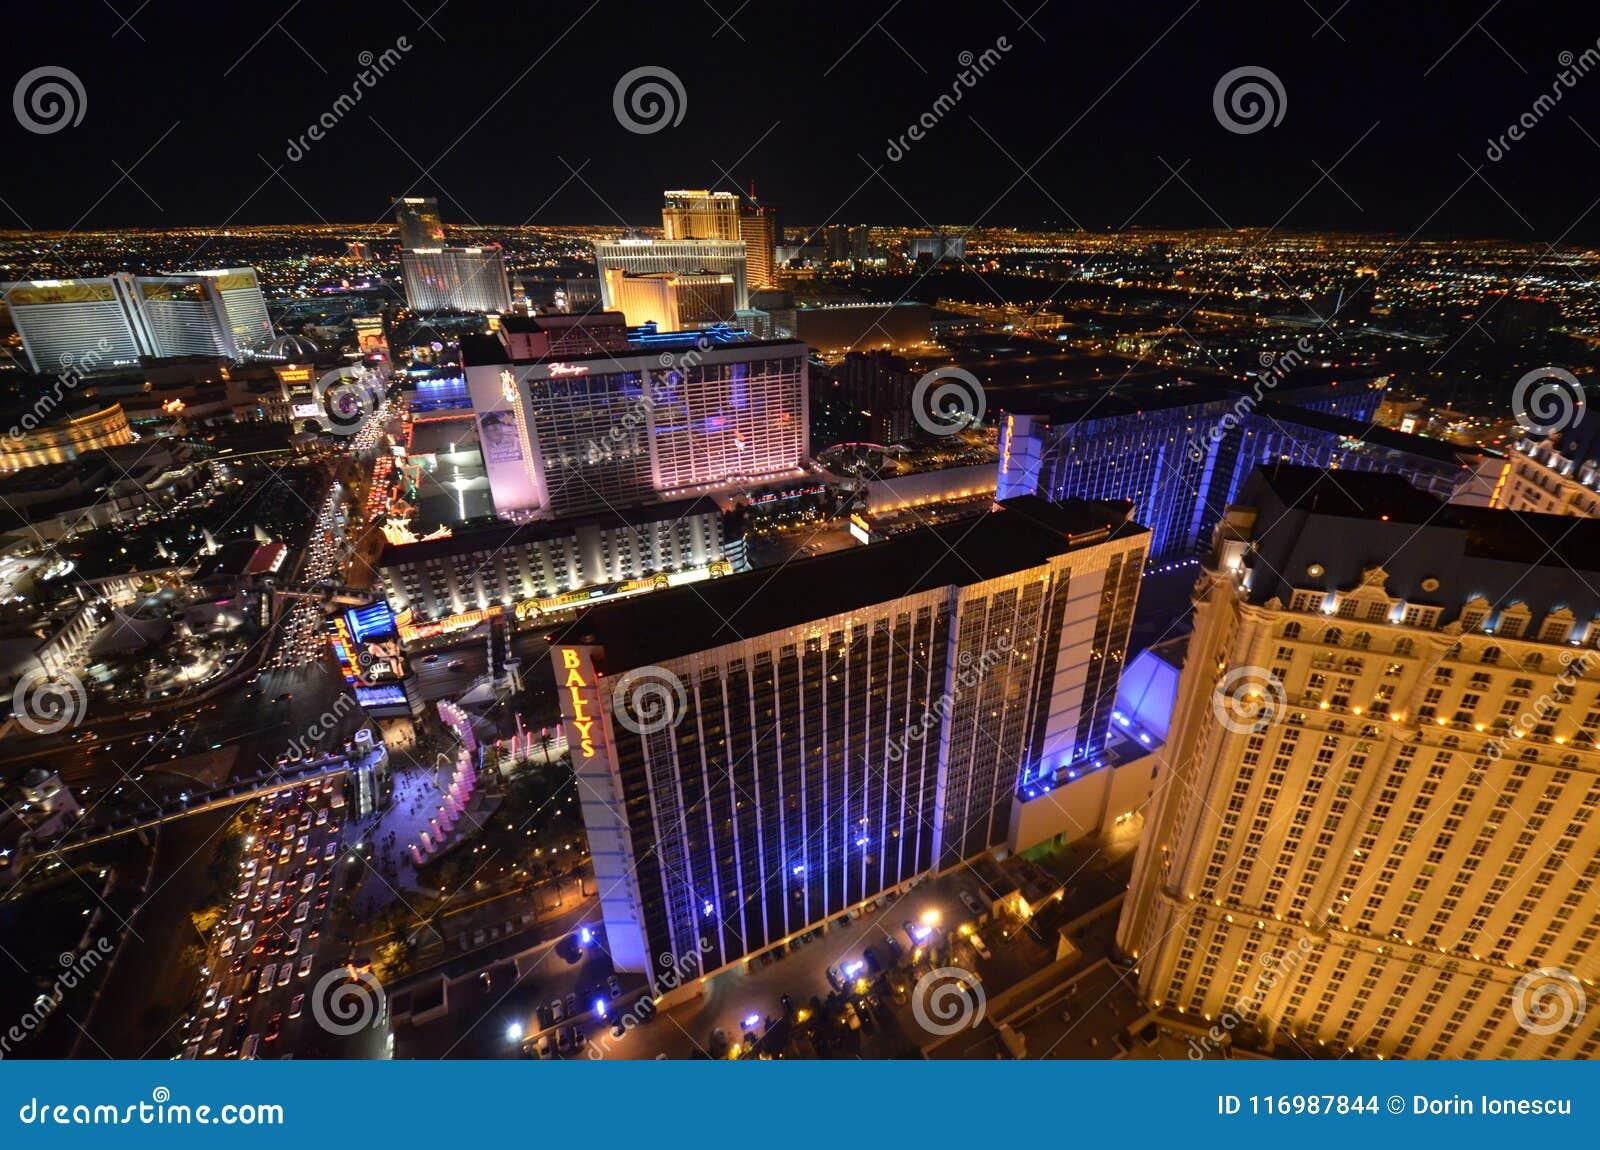 Η λουρίδα, το ξενοδοχείο του Μπελάτζιο και η χαρτοπαικτική λέσχη, μητροπολιτική περιοχή, μητρόπολη, νύχτα, πόλη